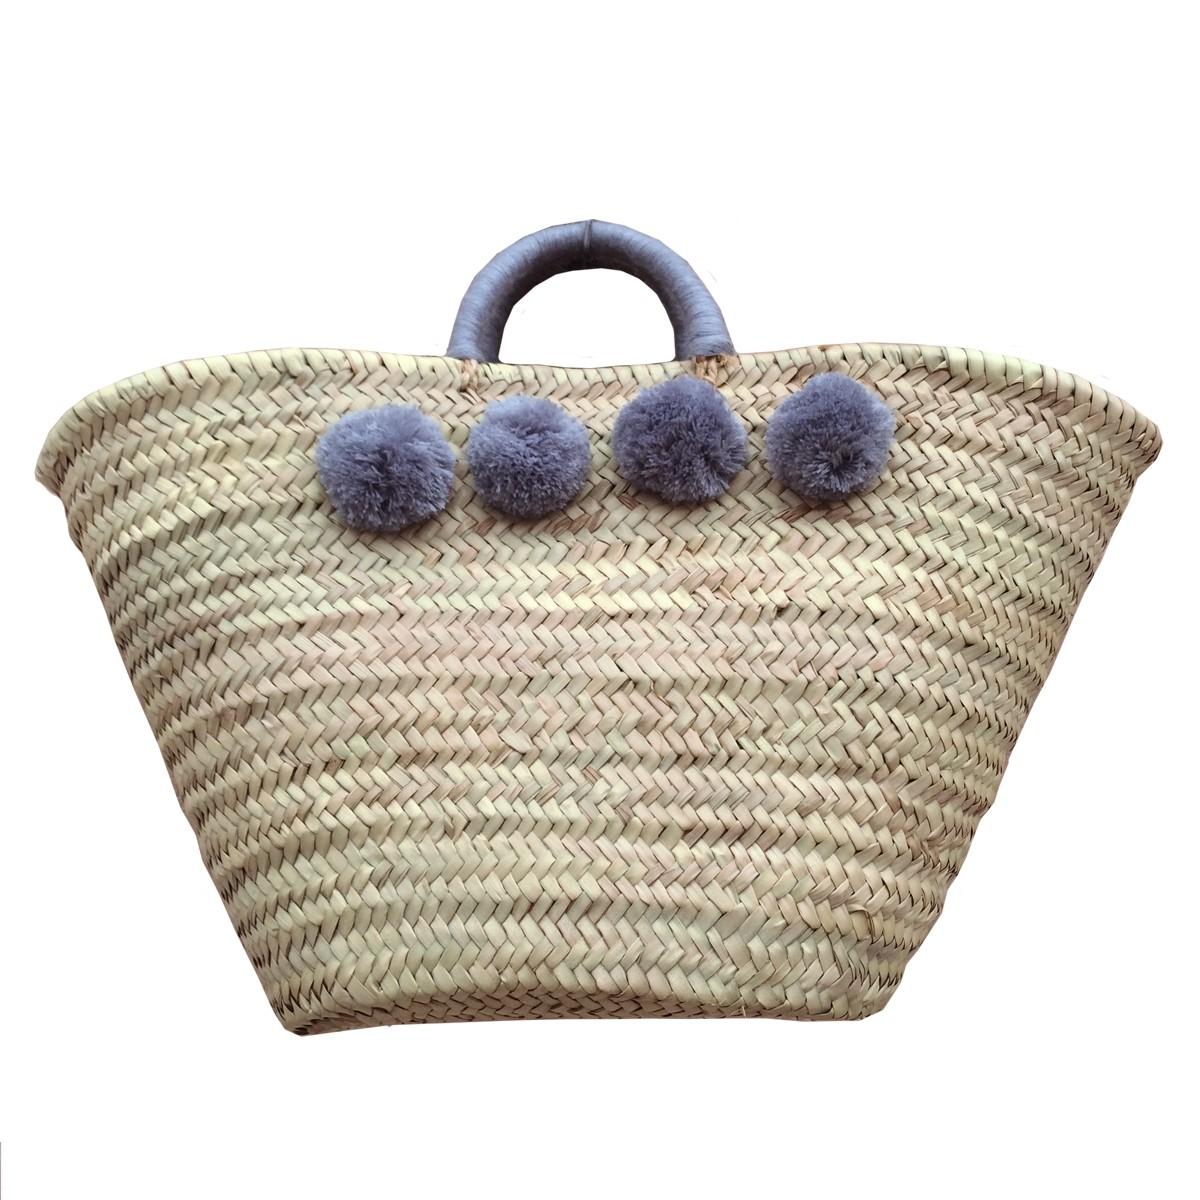 Basket wool 8 pom pom grey